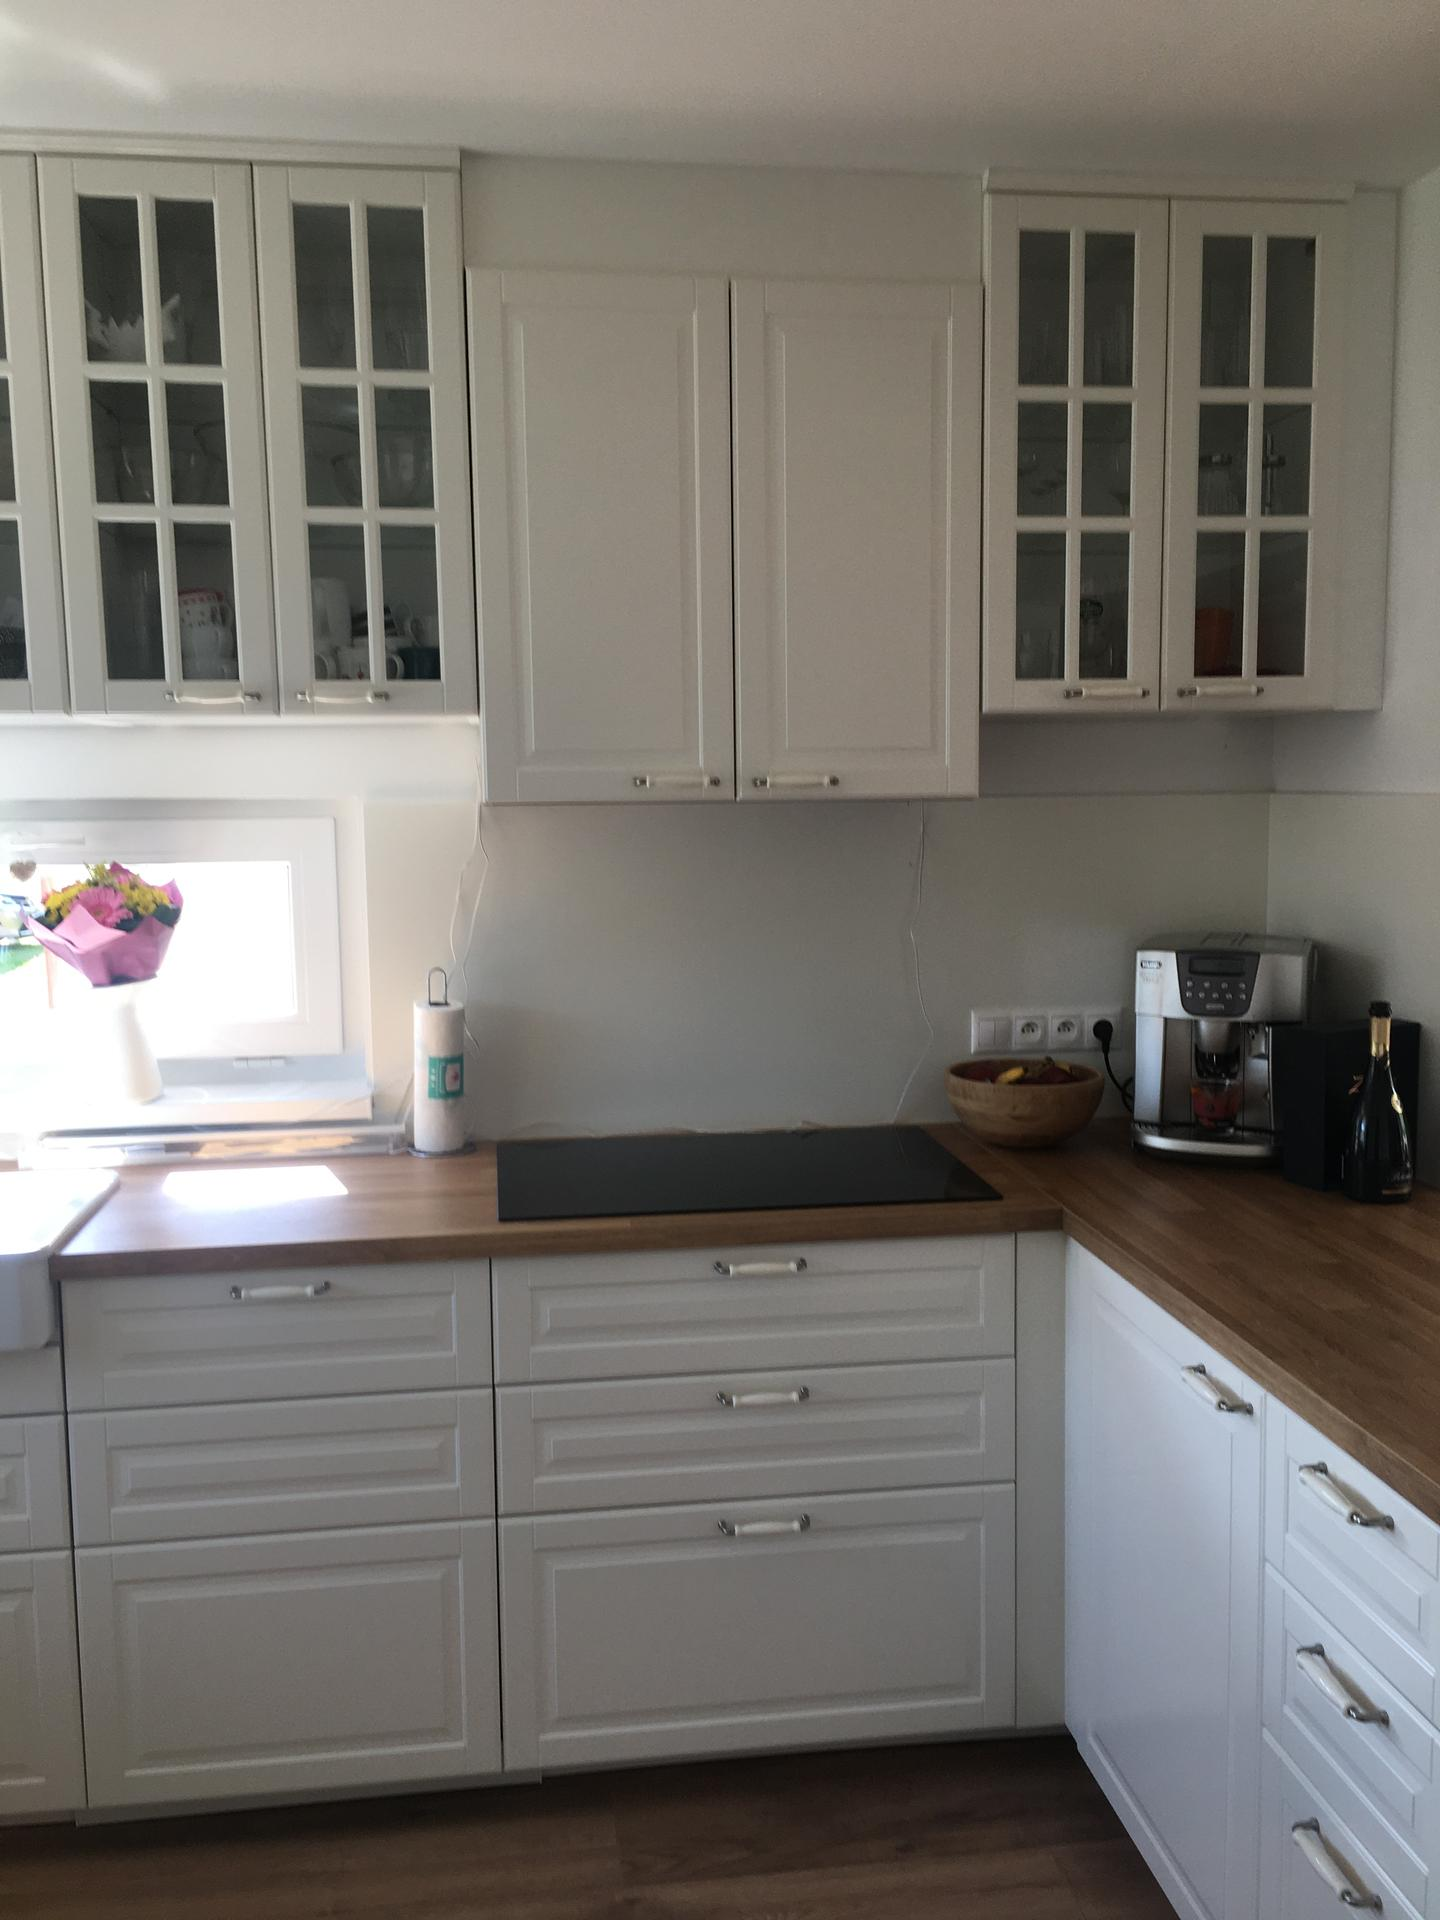 Naše kuchyň 2020 - Obrázek č. 5